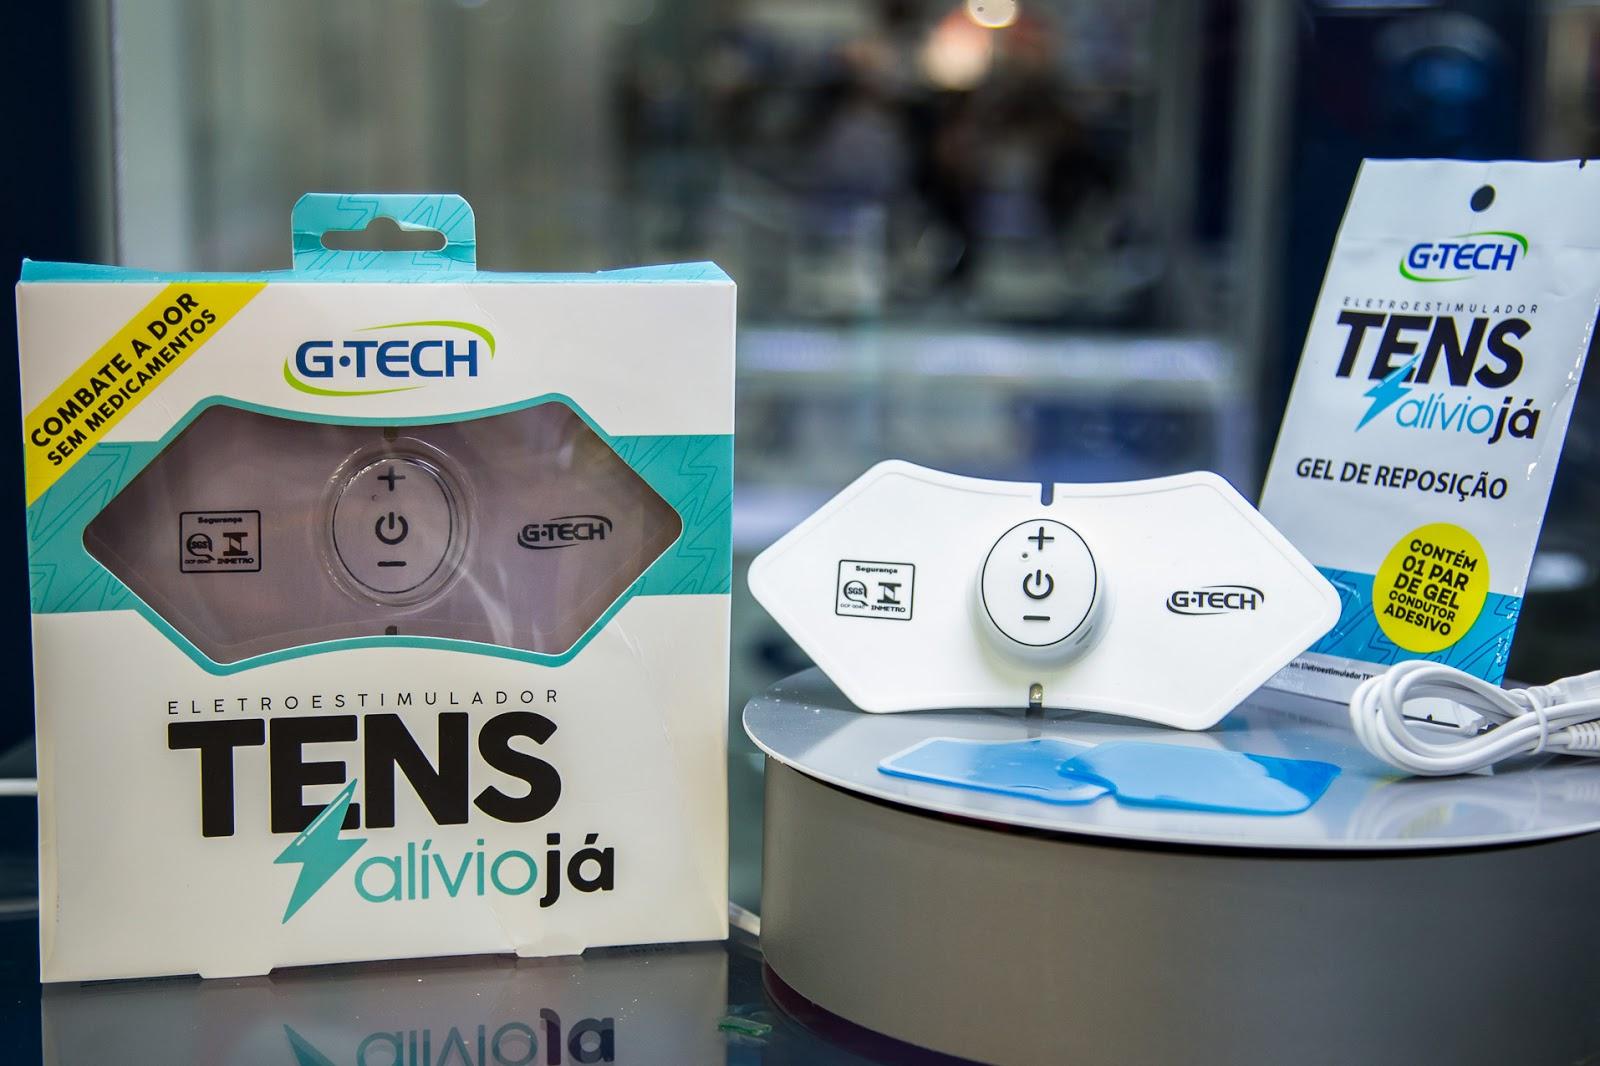 0561a2f46c0 G-Tech lança aparelho portátil para alívio da dor ~ Blog do Patricio ...